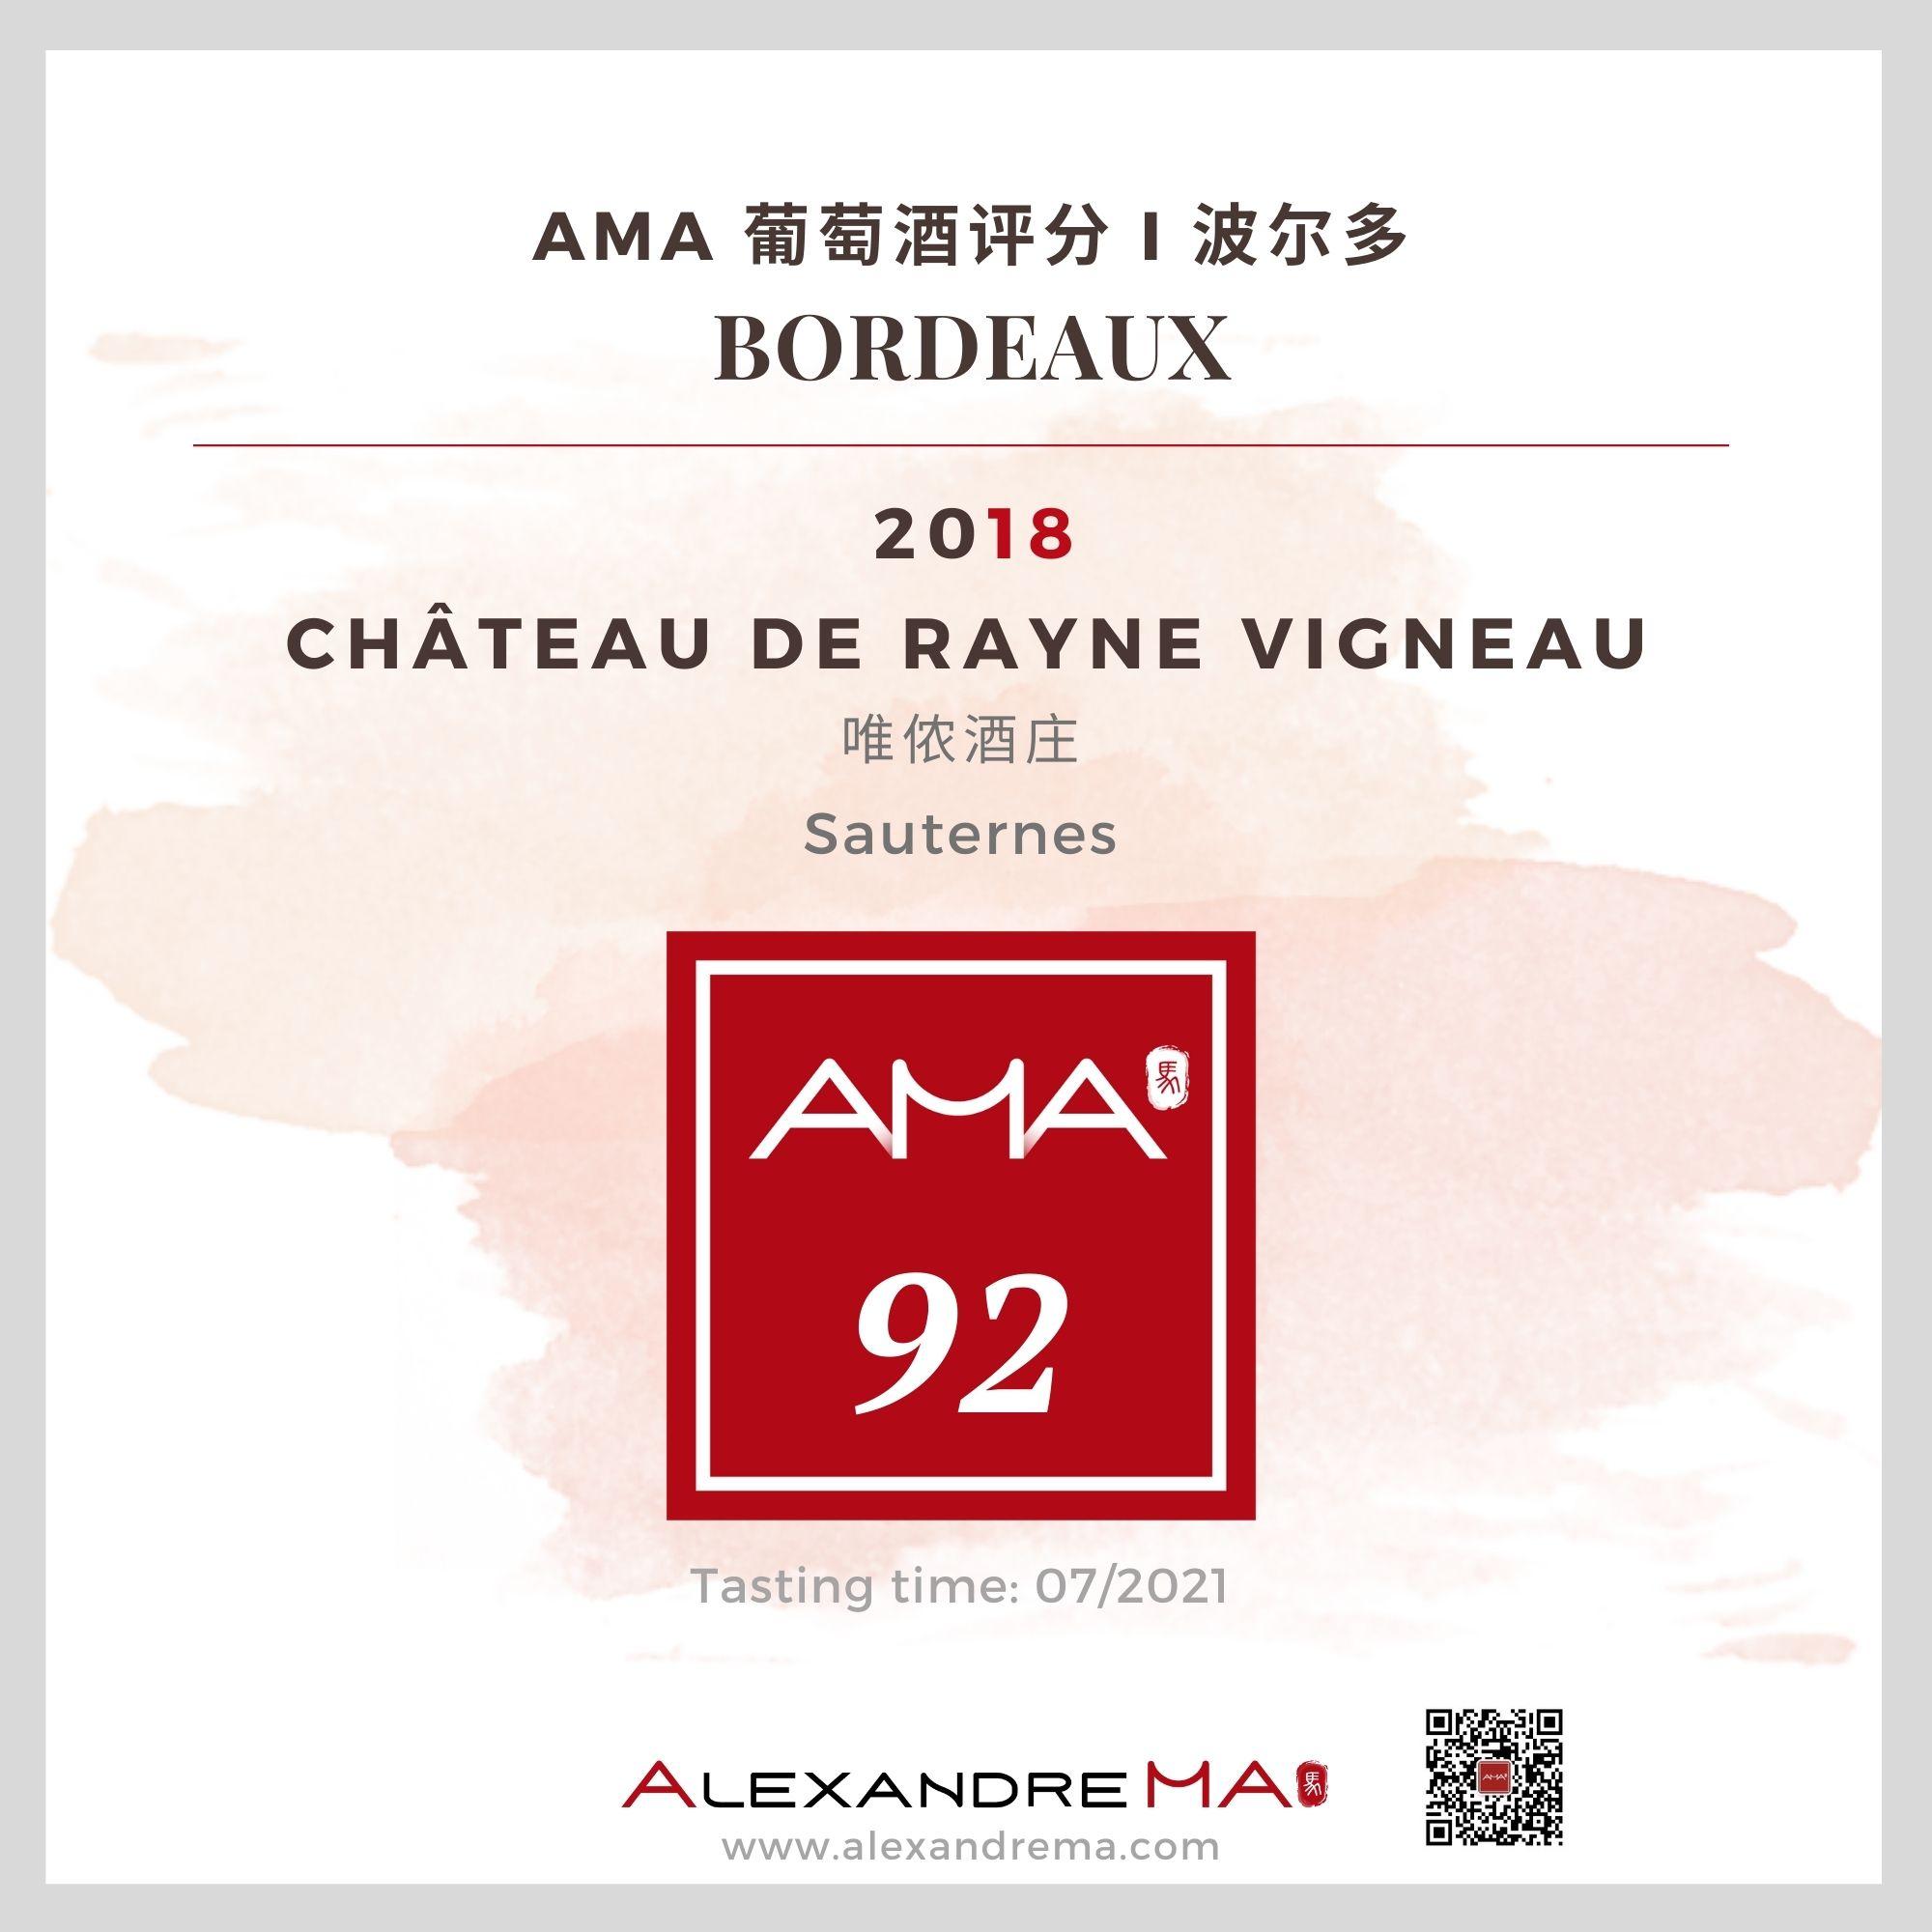 Château de Rayne Vigneau 2018 唯侬酒庄 - Alexandre Ma